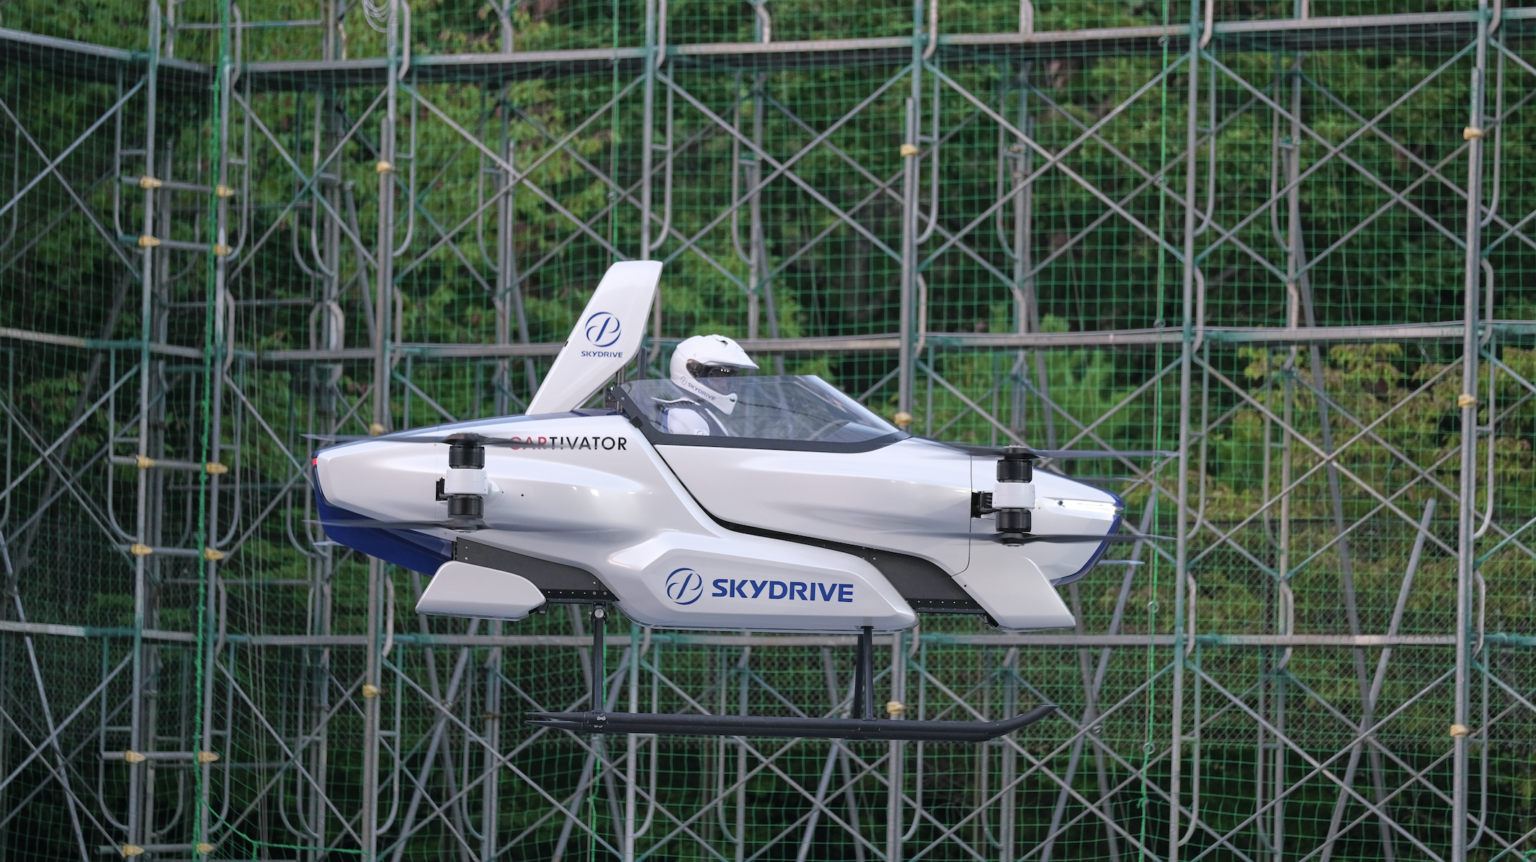 Protótipo da SkyDrive tem o tamanho de dois carros comuns, o que o torna mais prático nas grandes cidades. (Fonte: SkyDrive/Reprodução)